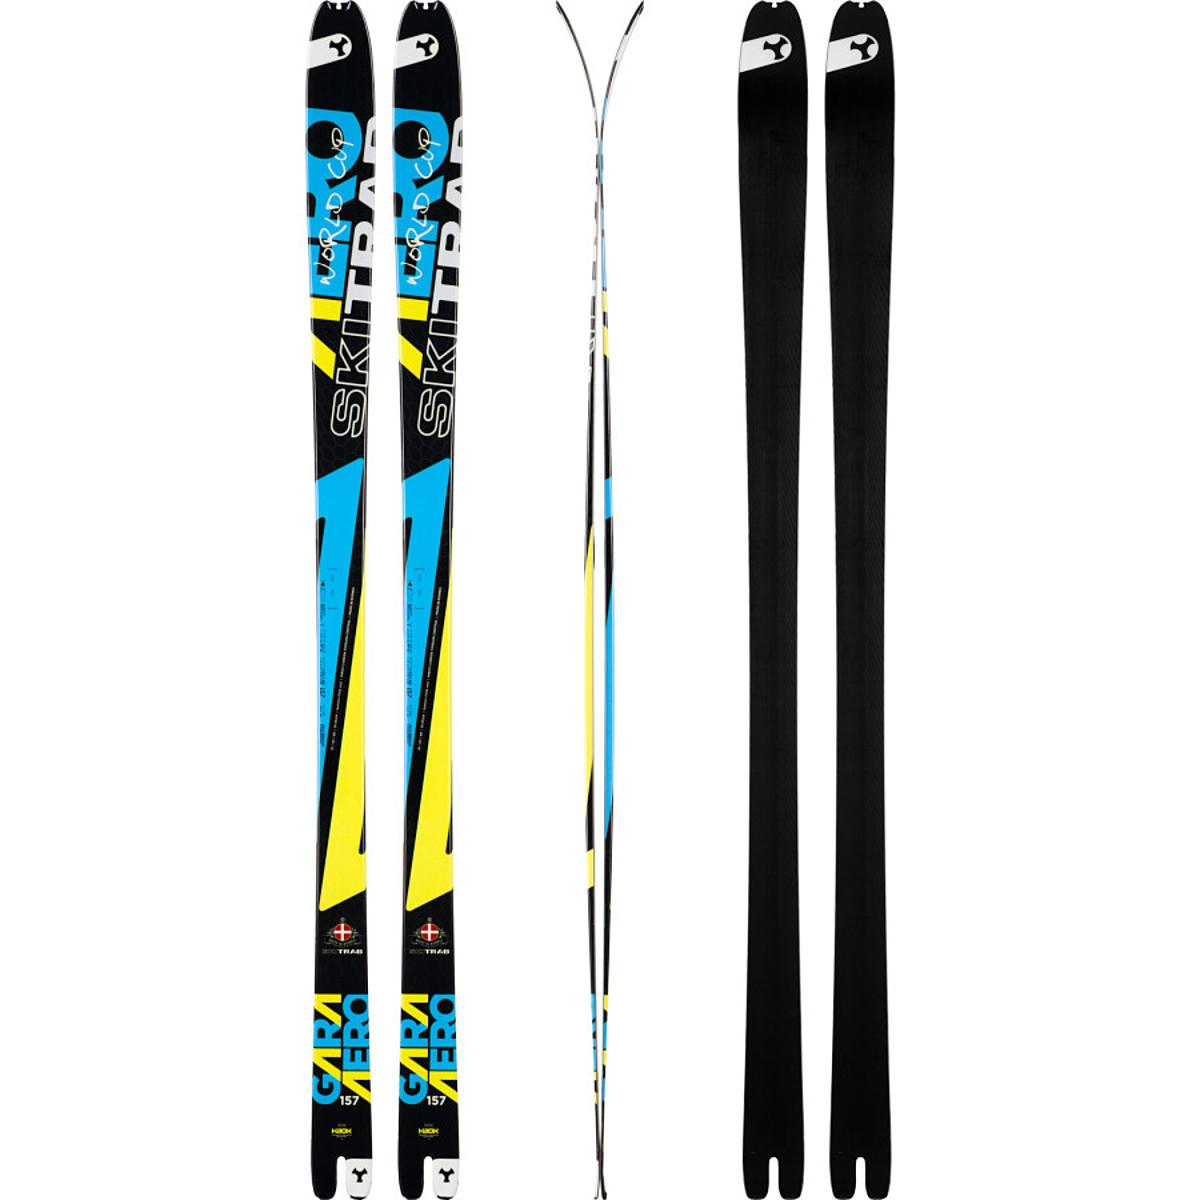 Ski Trab Gara Aero World Cup Ski